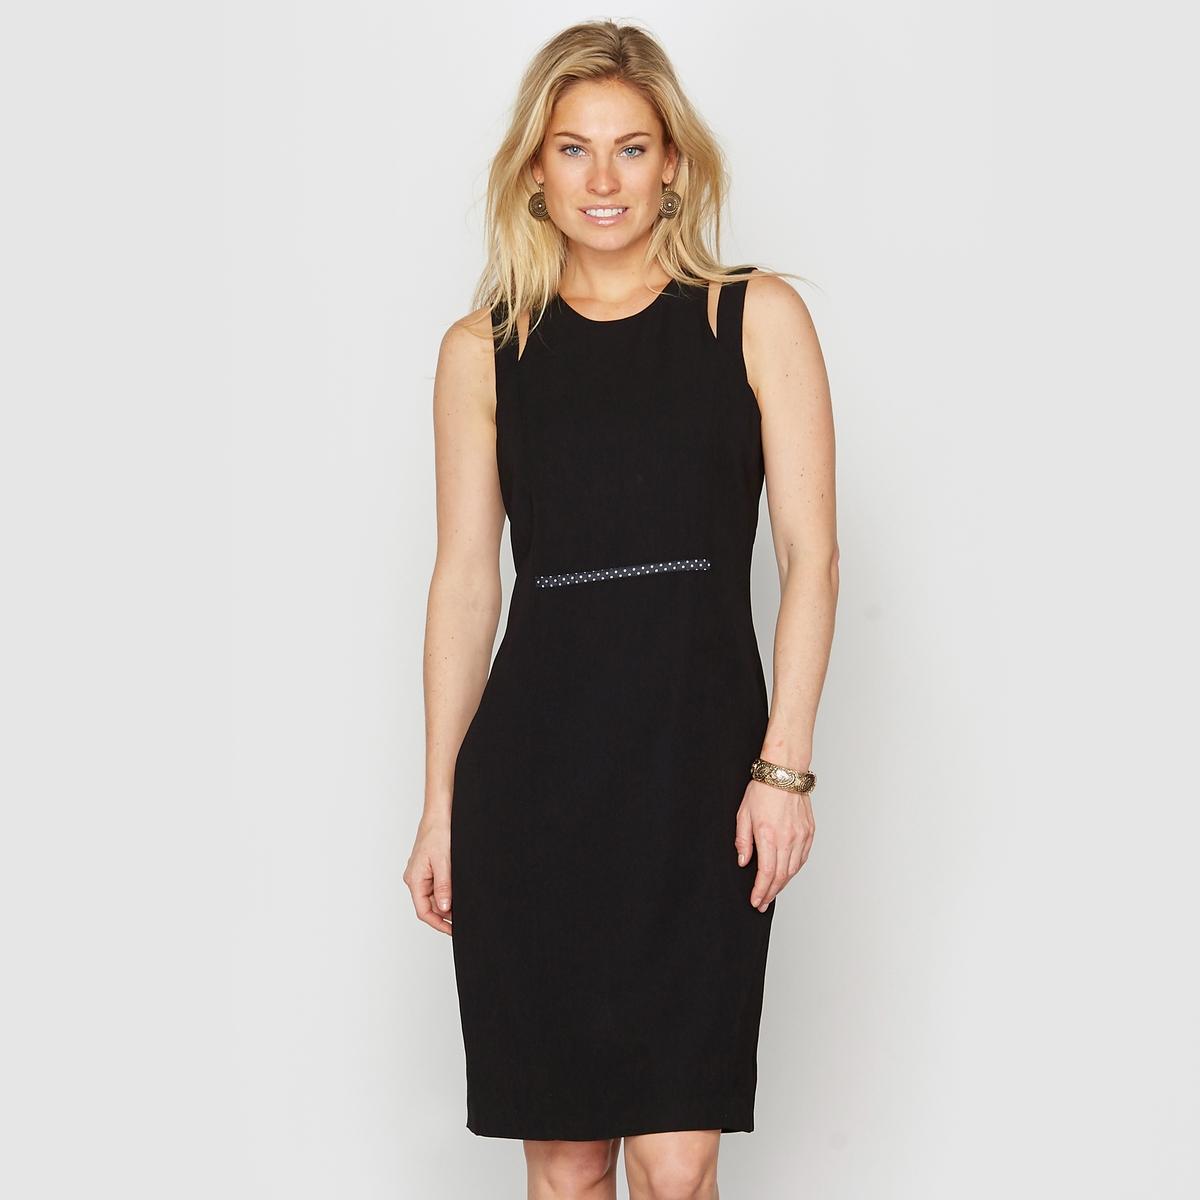 Элегантное платье из струящейся саржиЖакеты, юбки, брюки и платья этой коллекции прекрасно сочетаются и позволяют создавать образы по Вашему вкусу. Фантазируйте... Подбирайте модели на сайте laredoute.<br><br>Цвет: черный<br>Размер: 42 (FR) - 48 (RUS)